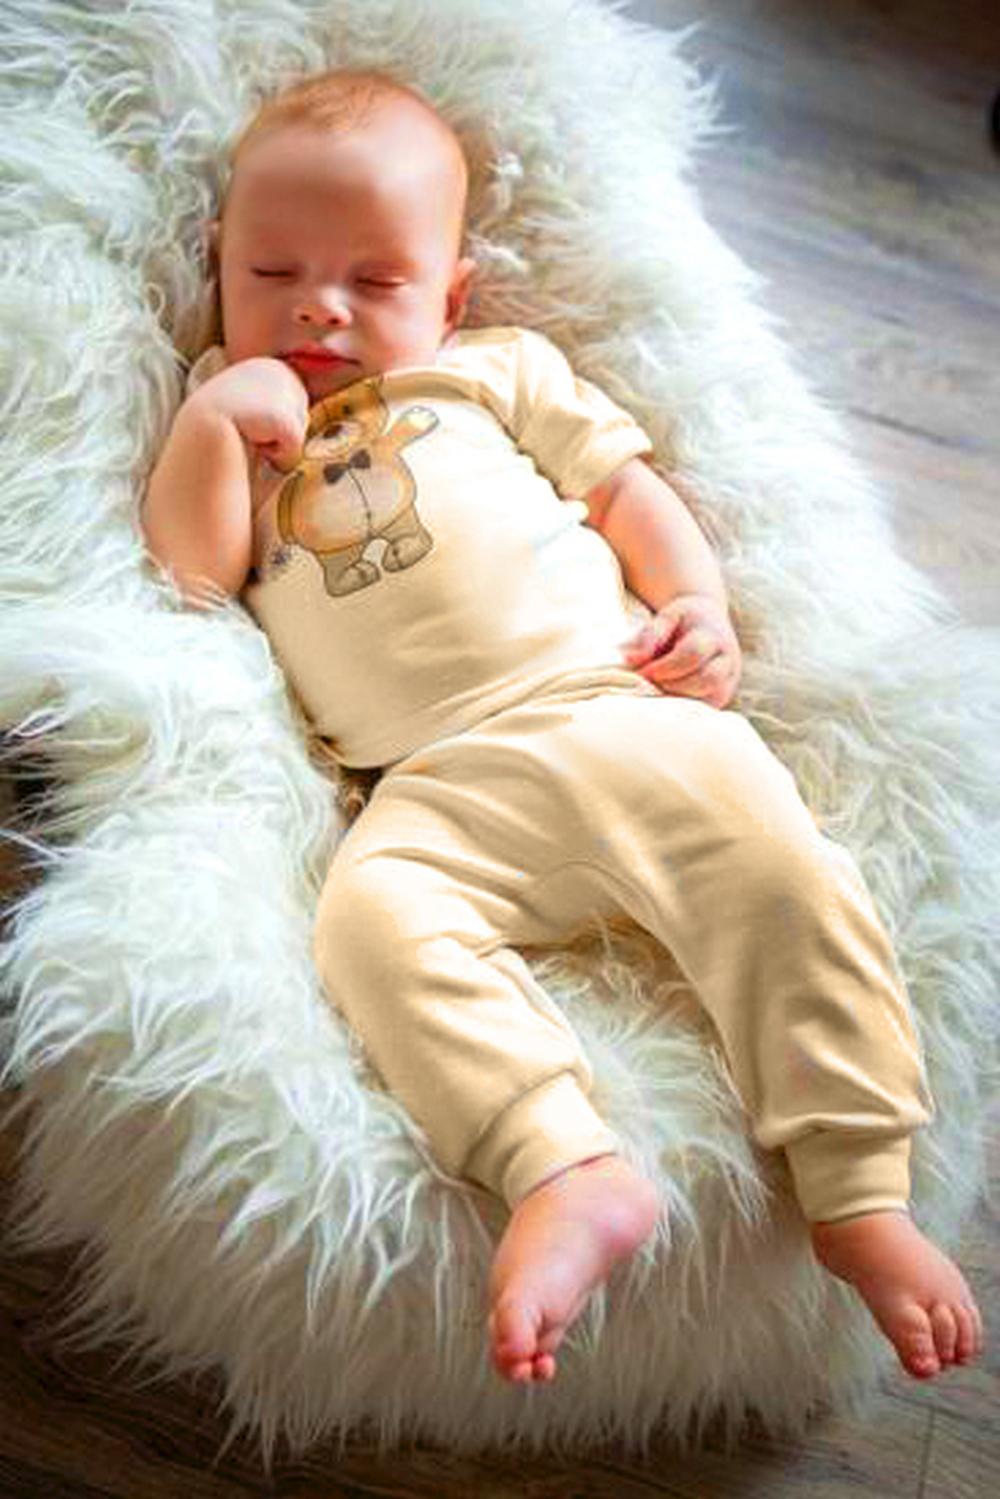 КомплектКомплекты<br>Хлопковый комплект для новорожденного  В изделии использованы цвета: молочный, коричневый  Размер соответствует росту ребенка<br><br>По возрасту: Ясельные ( от 1 до 3 лет)<br>По материалу: Хлопковые<br>По образу: Повседневные<br>По рисунку: Животные мотивы,С принтом (печатью)<br>По сезону: Весна,Зима,Лето,Осень,Всесезон<br>По силуэту: Полуприталенные<br>По стилю: Повседневные<br>Рукав: Короткий рукав<br>Размер : 62-68,68-74<br>Материал: Хлопок<br>Количество в наличии: 9